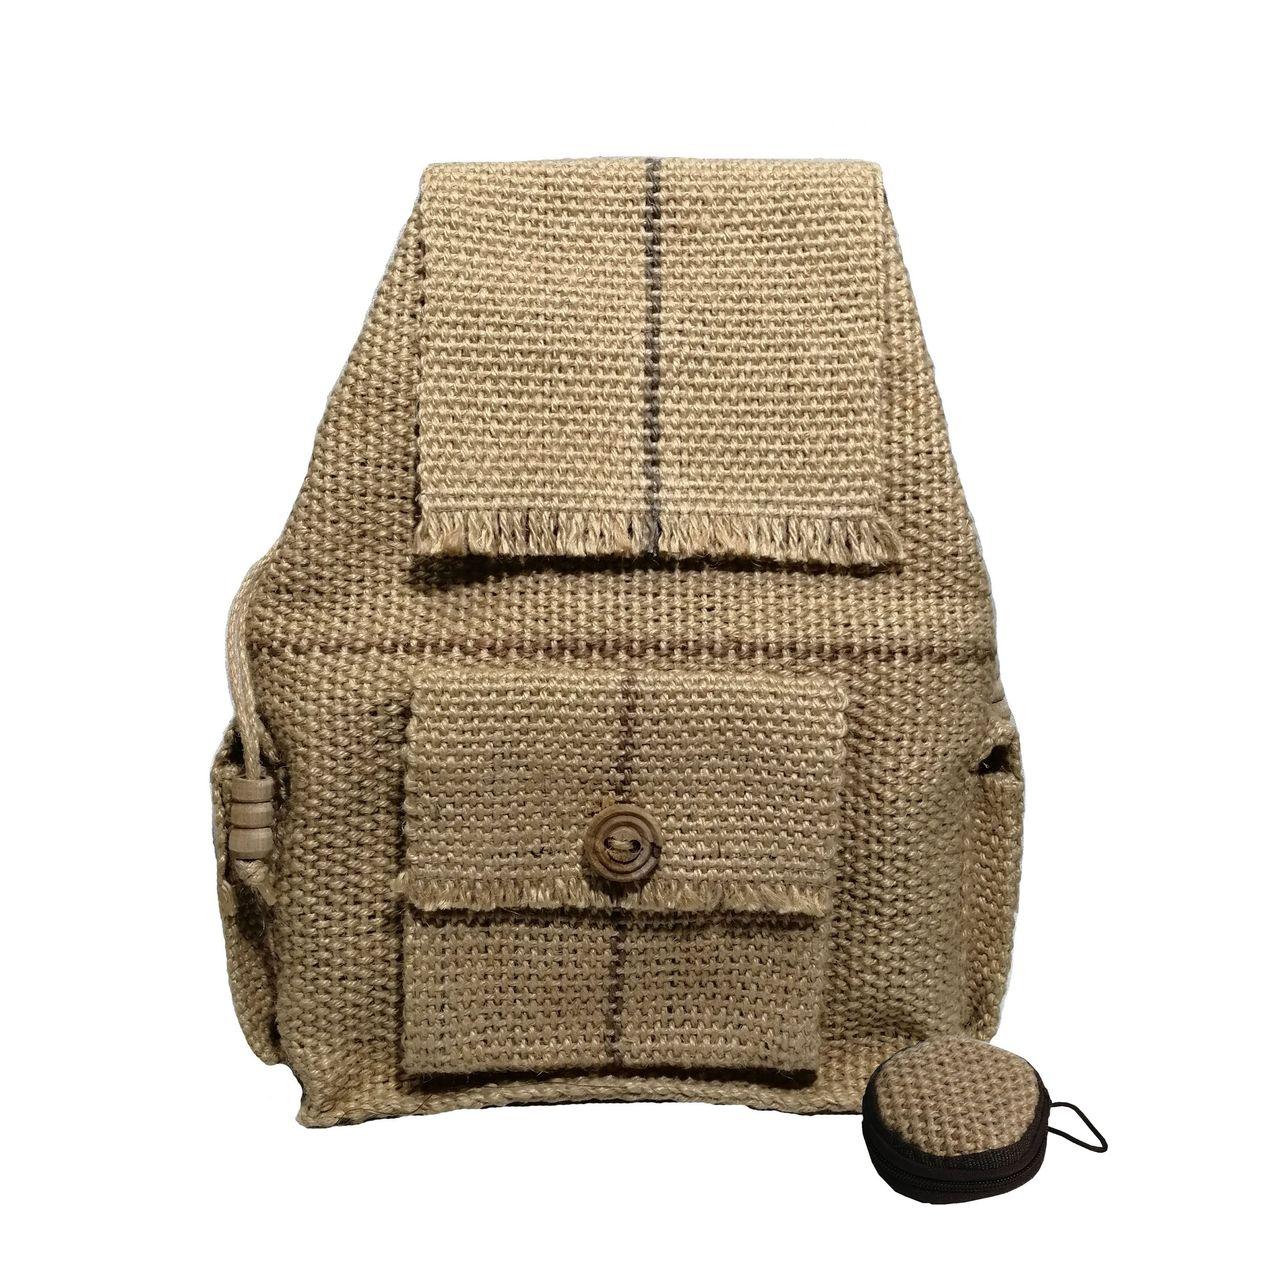 ست کوله پشتی و کیف هندزفری مدل 01 کد 3804